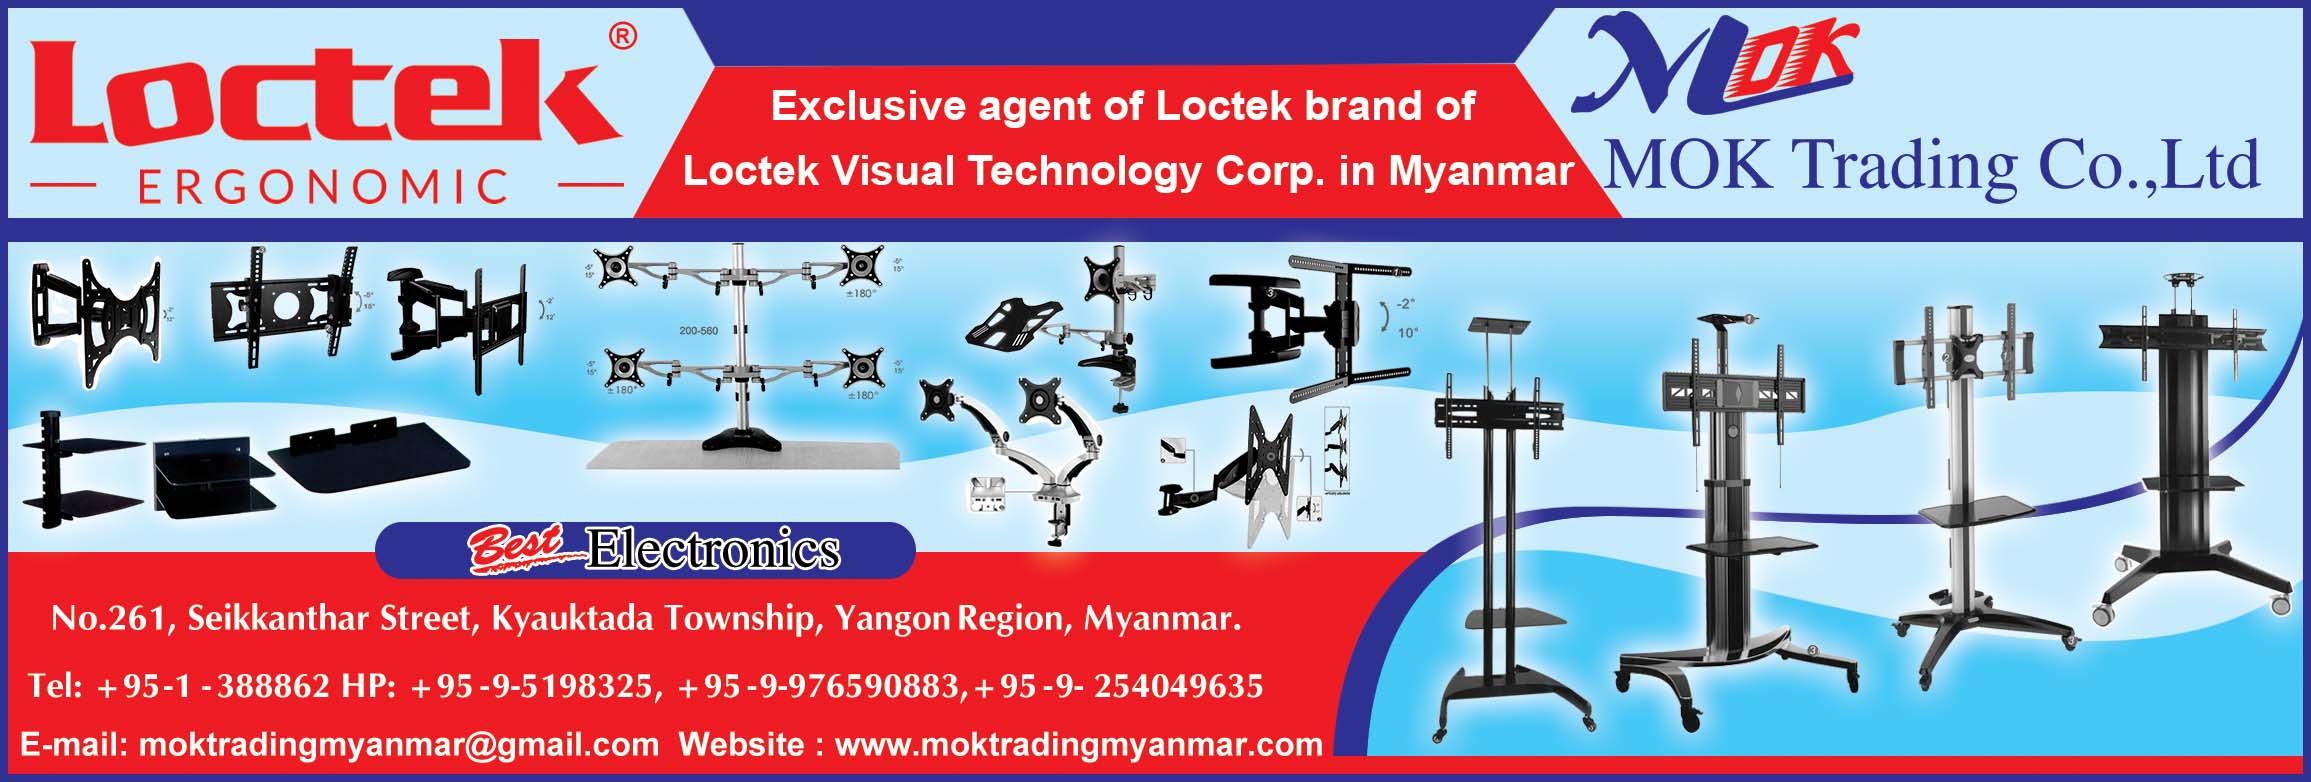 MOK Trading Co., Ltd. (Loctek)